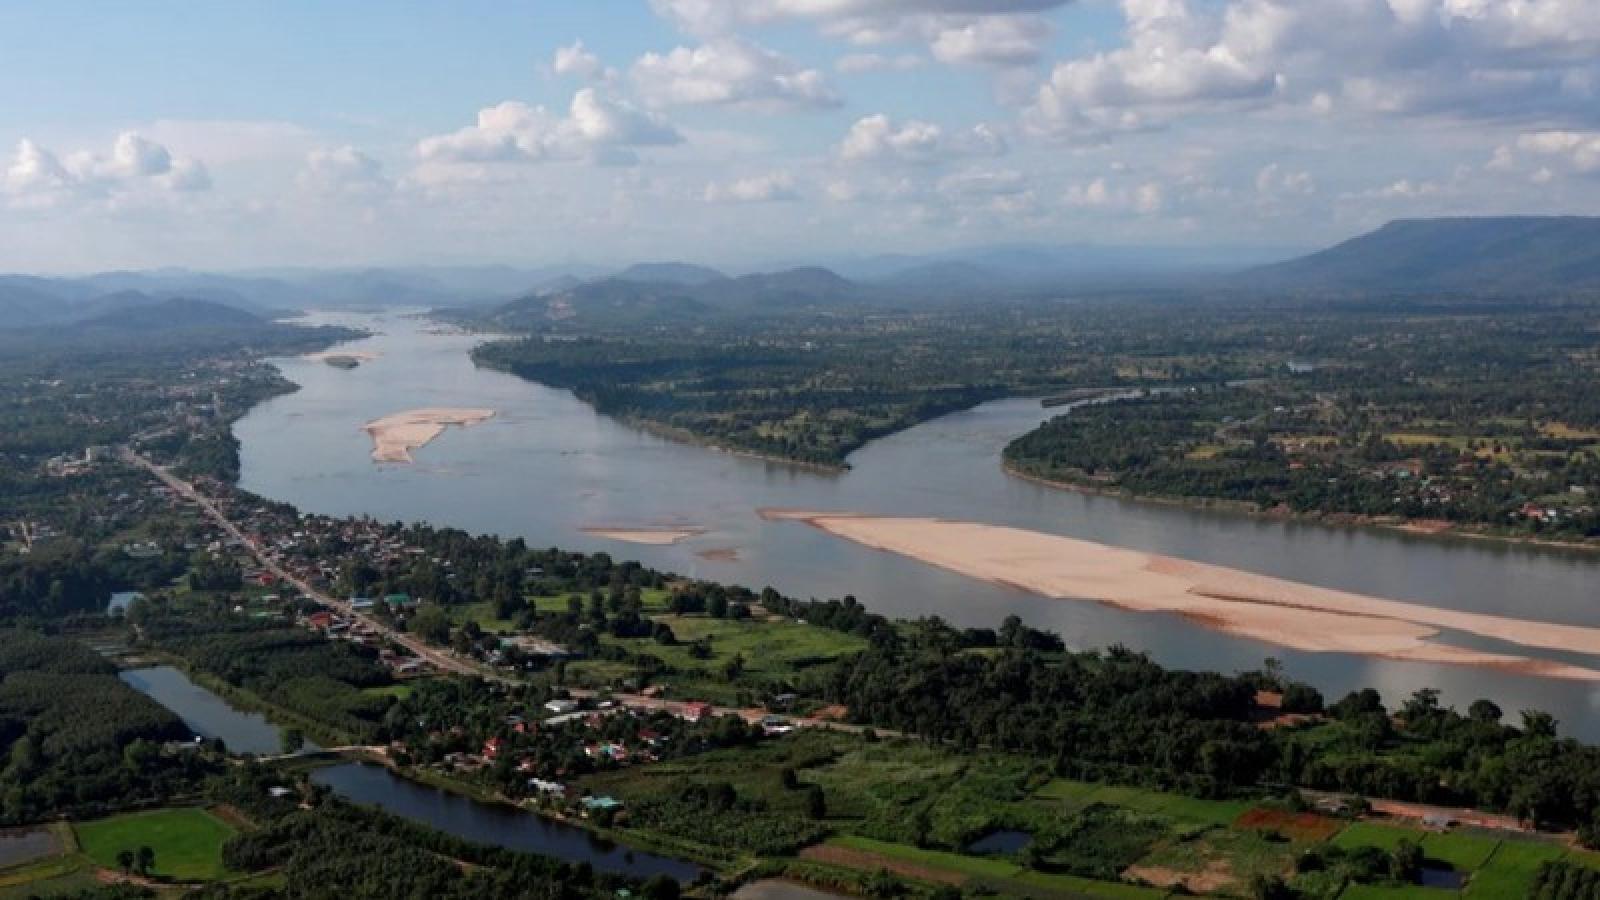 Trung Quốc sẽ chia sẻ thông tin thủy văn với các nước sông Mekong